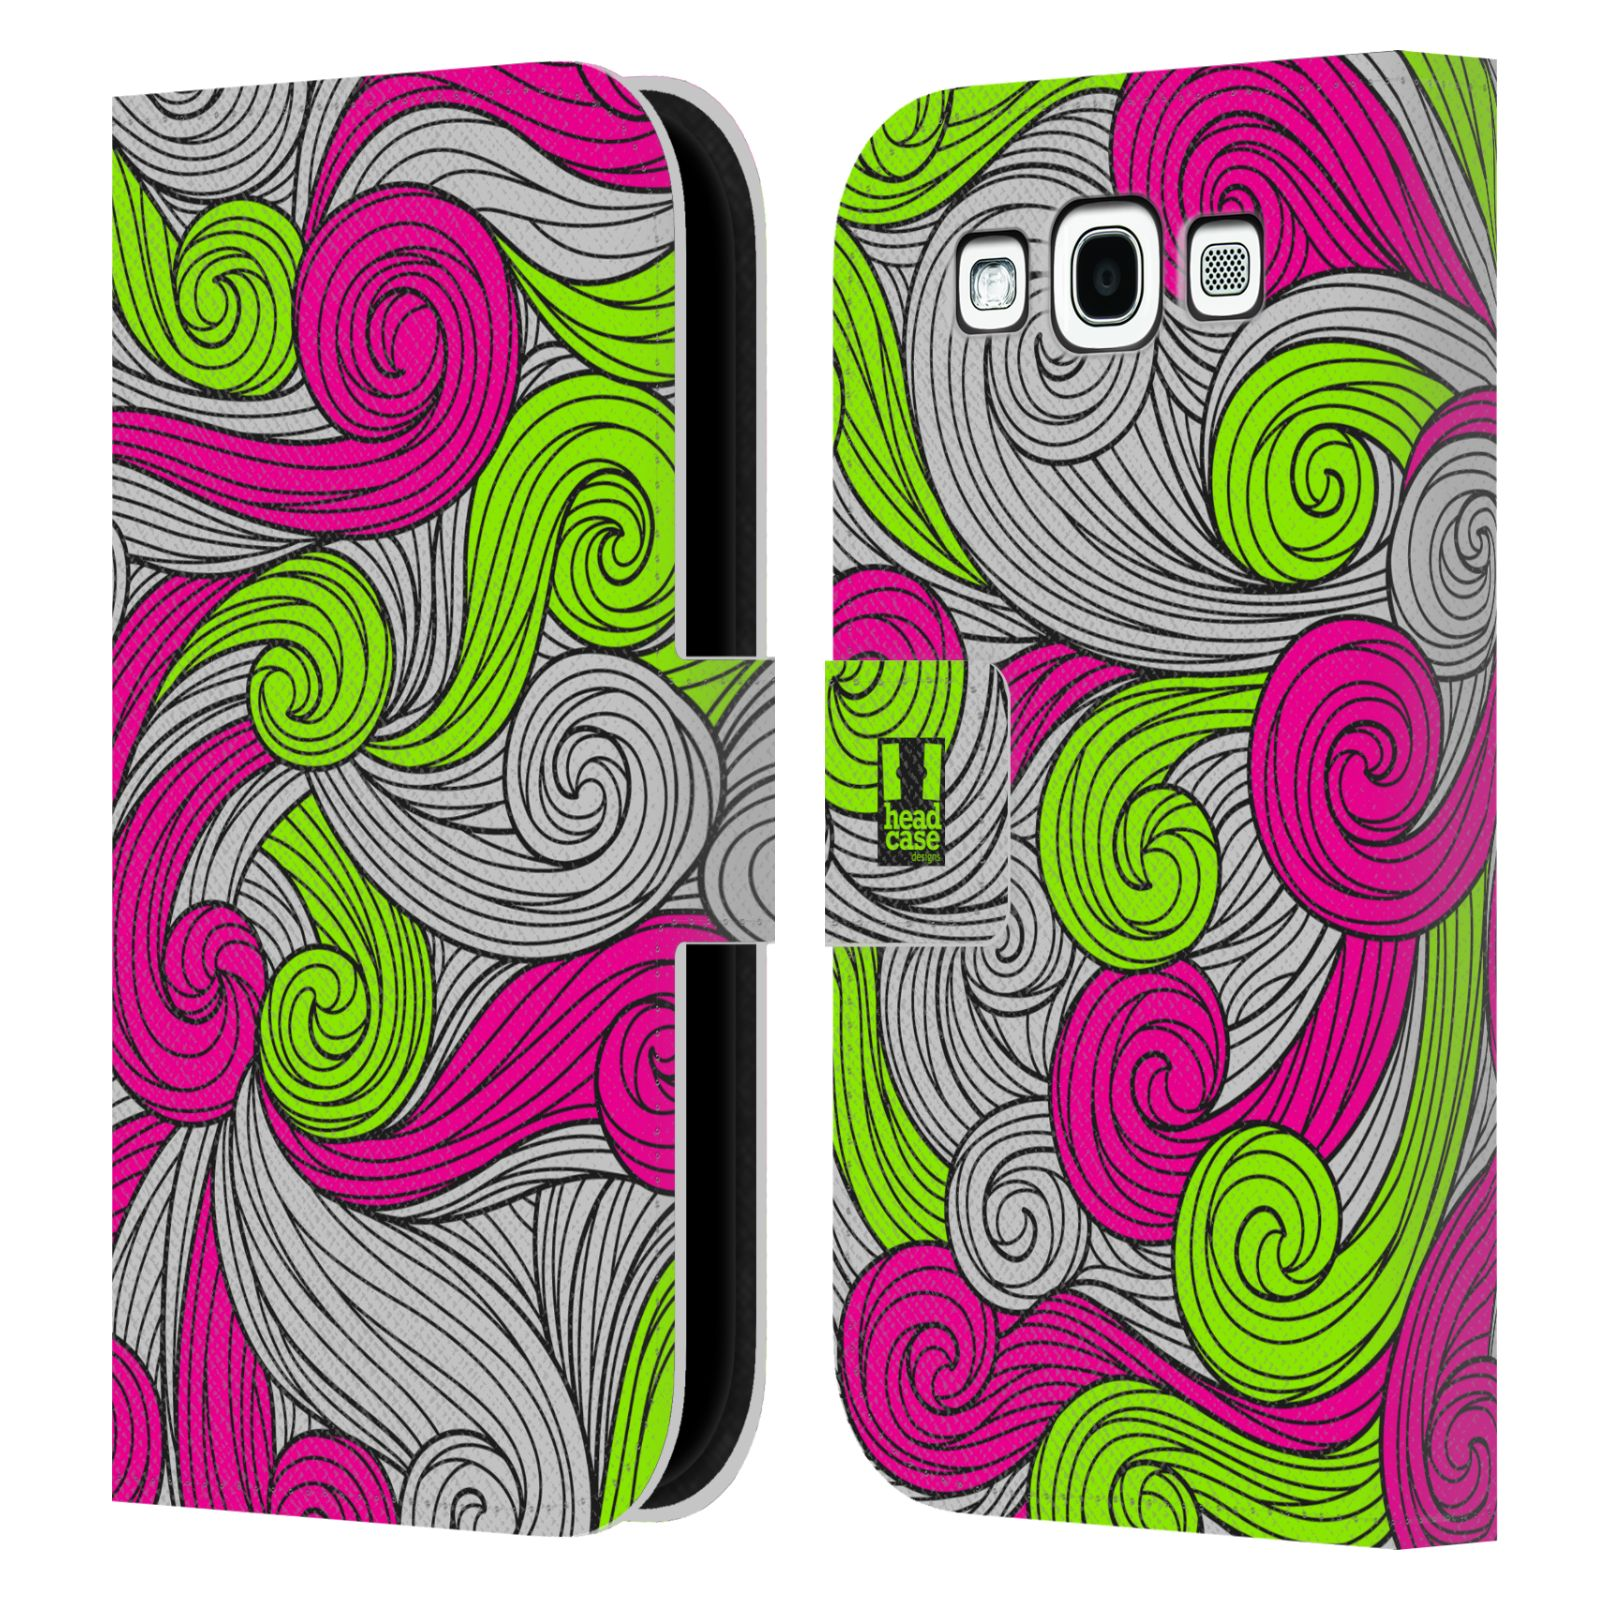 HEAD CASE Flipové pouzdro pro mobil Samsung Galaxy S3 barevné vlny zářivě růžová a zelená